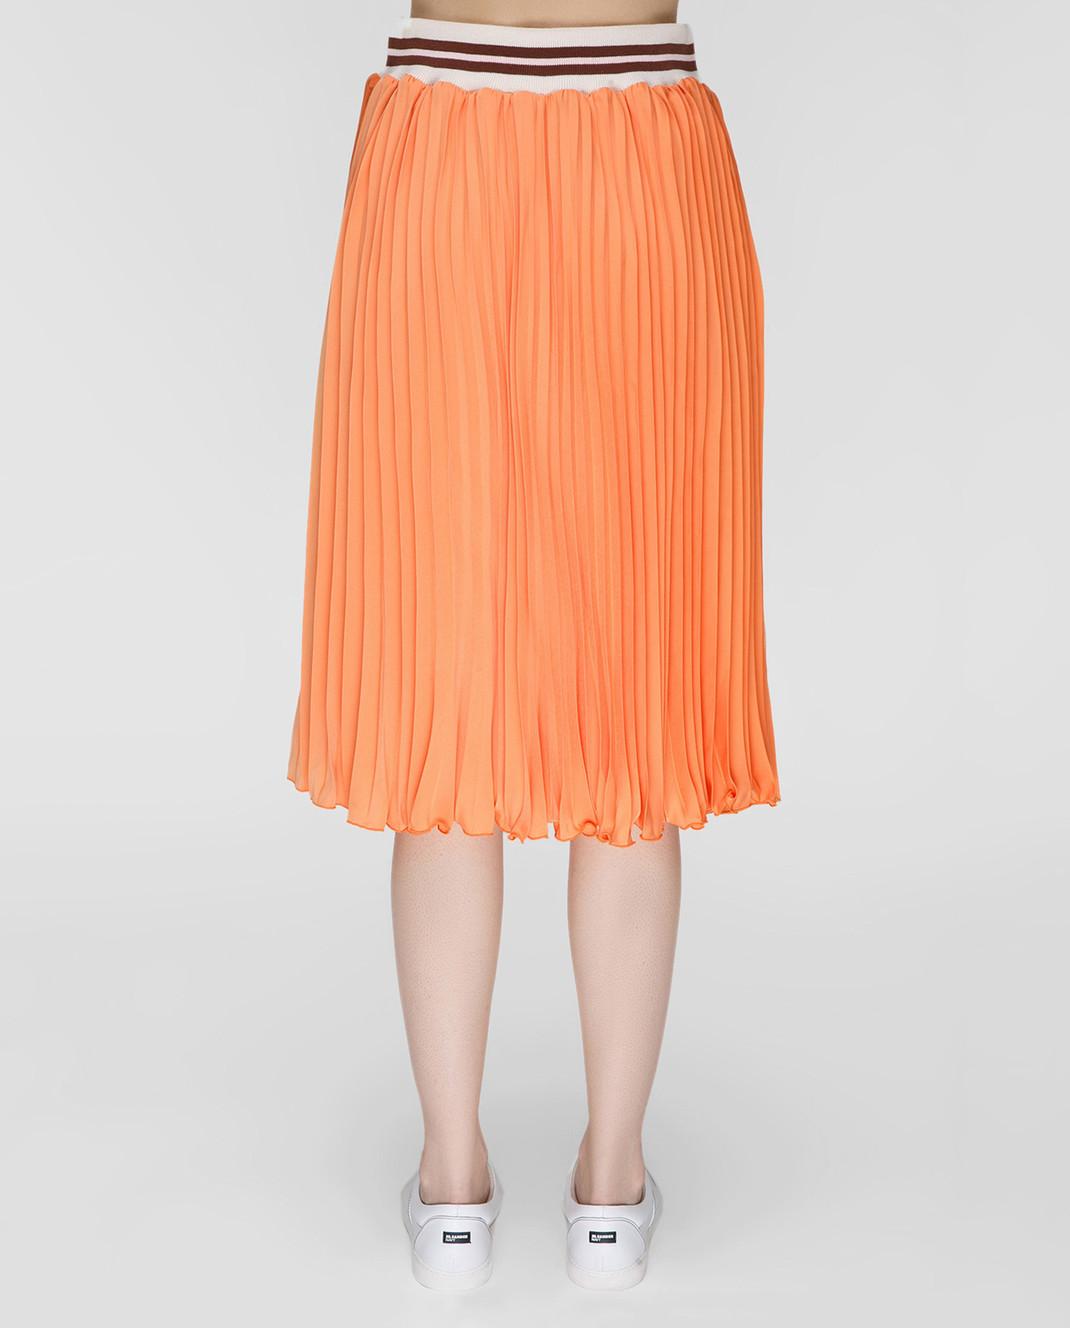 Blugirl Оранжевая юбка-плиссе 3321 изображение 4